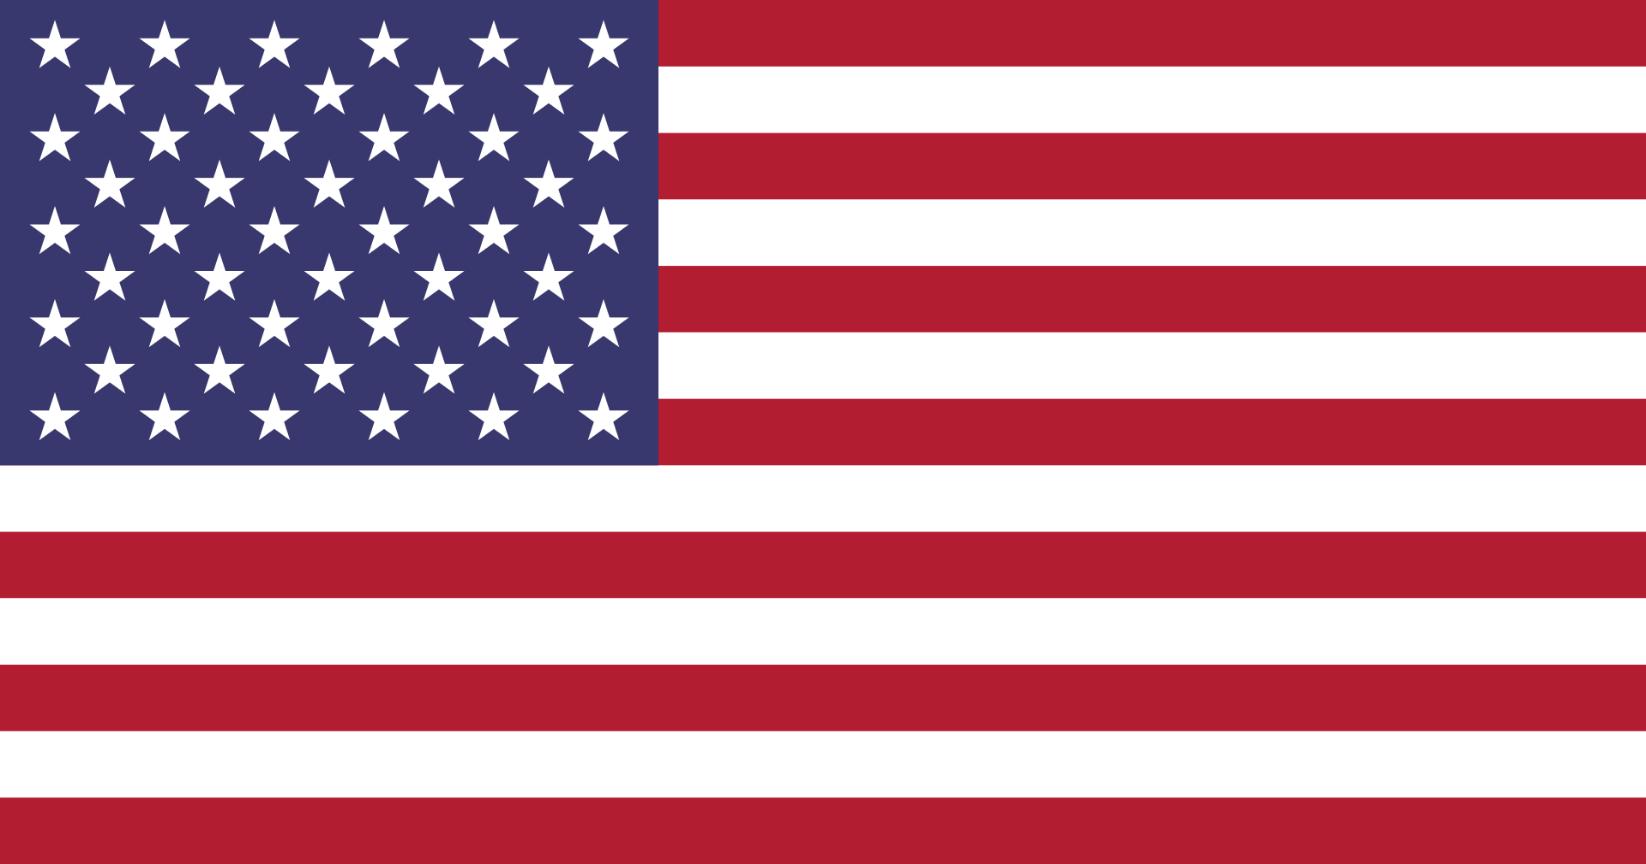 Flagge im Querformat Land Vereinigte Staaten 150x100 cm